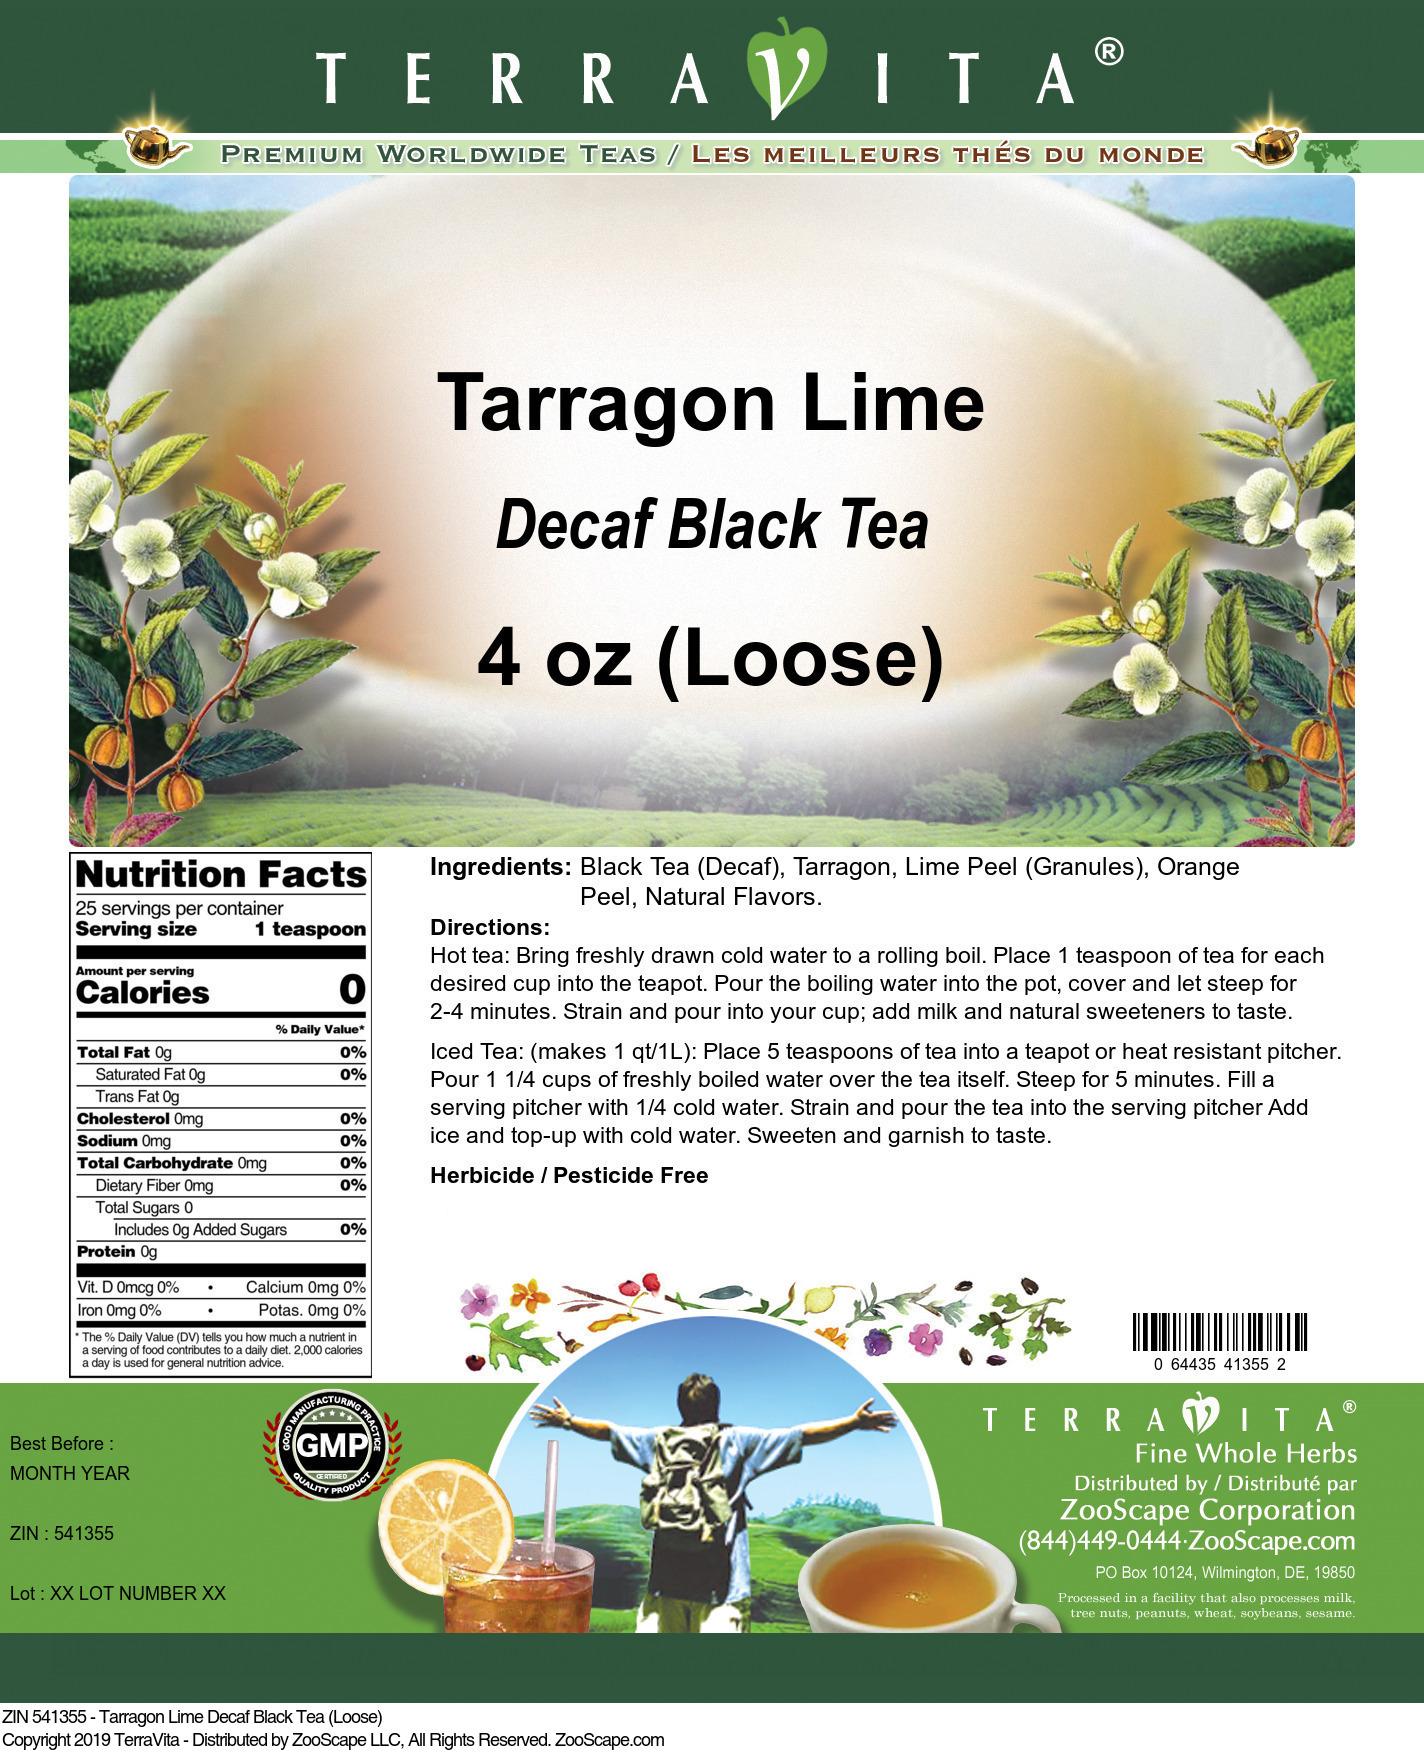 Tarragon Lime Decaf Black Tea (Loose)